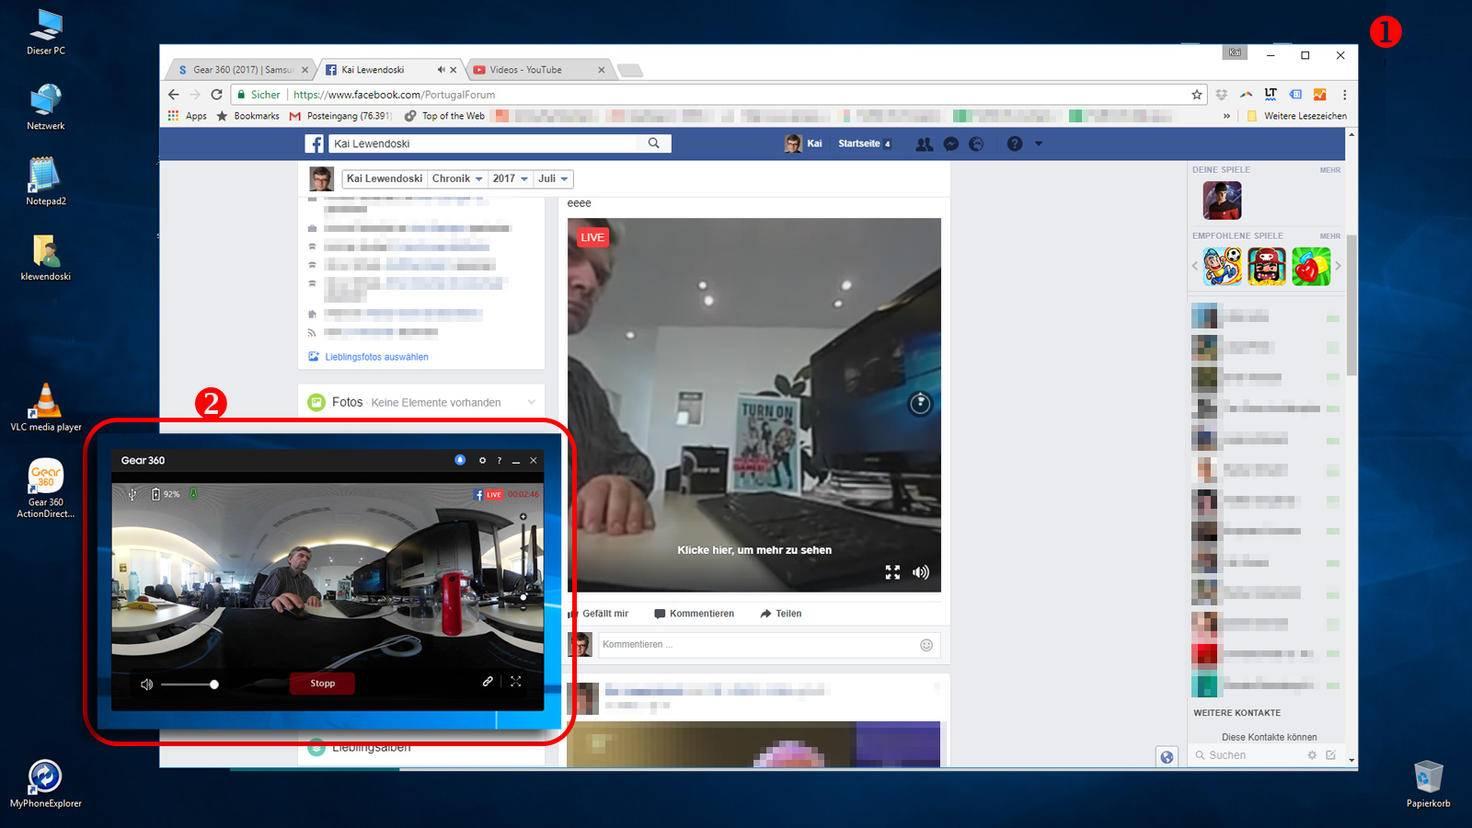 Samsung Gear 360 mit Facebook